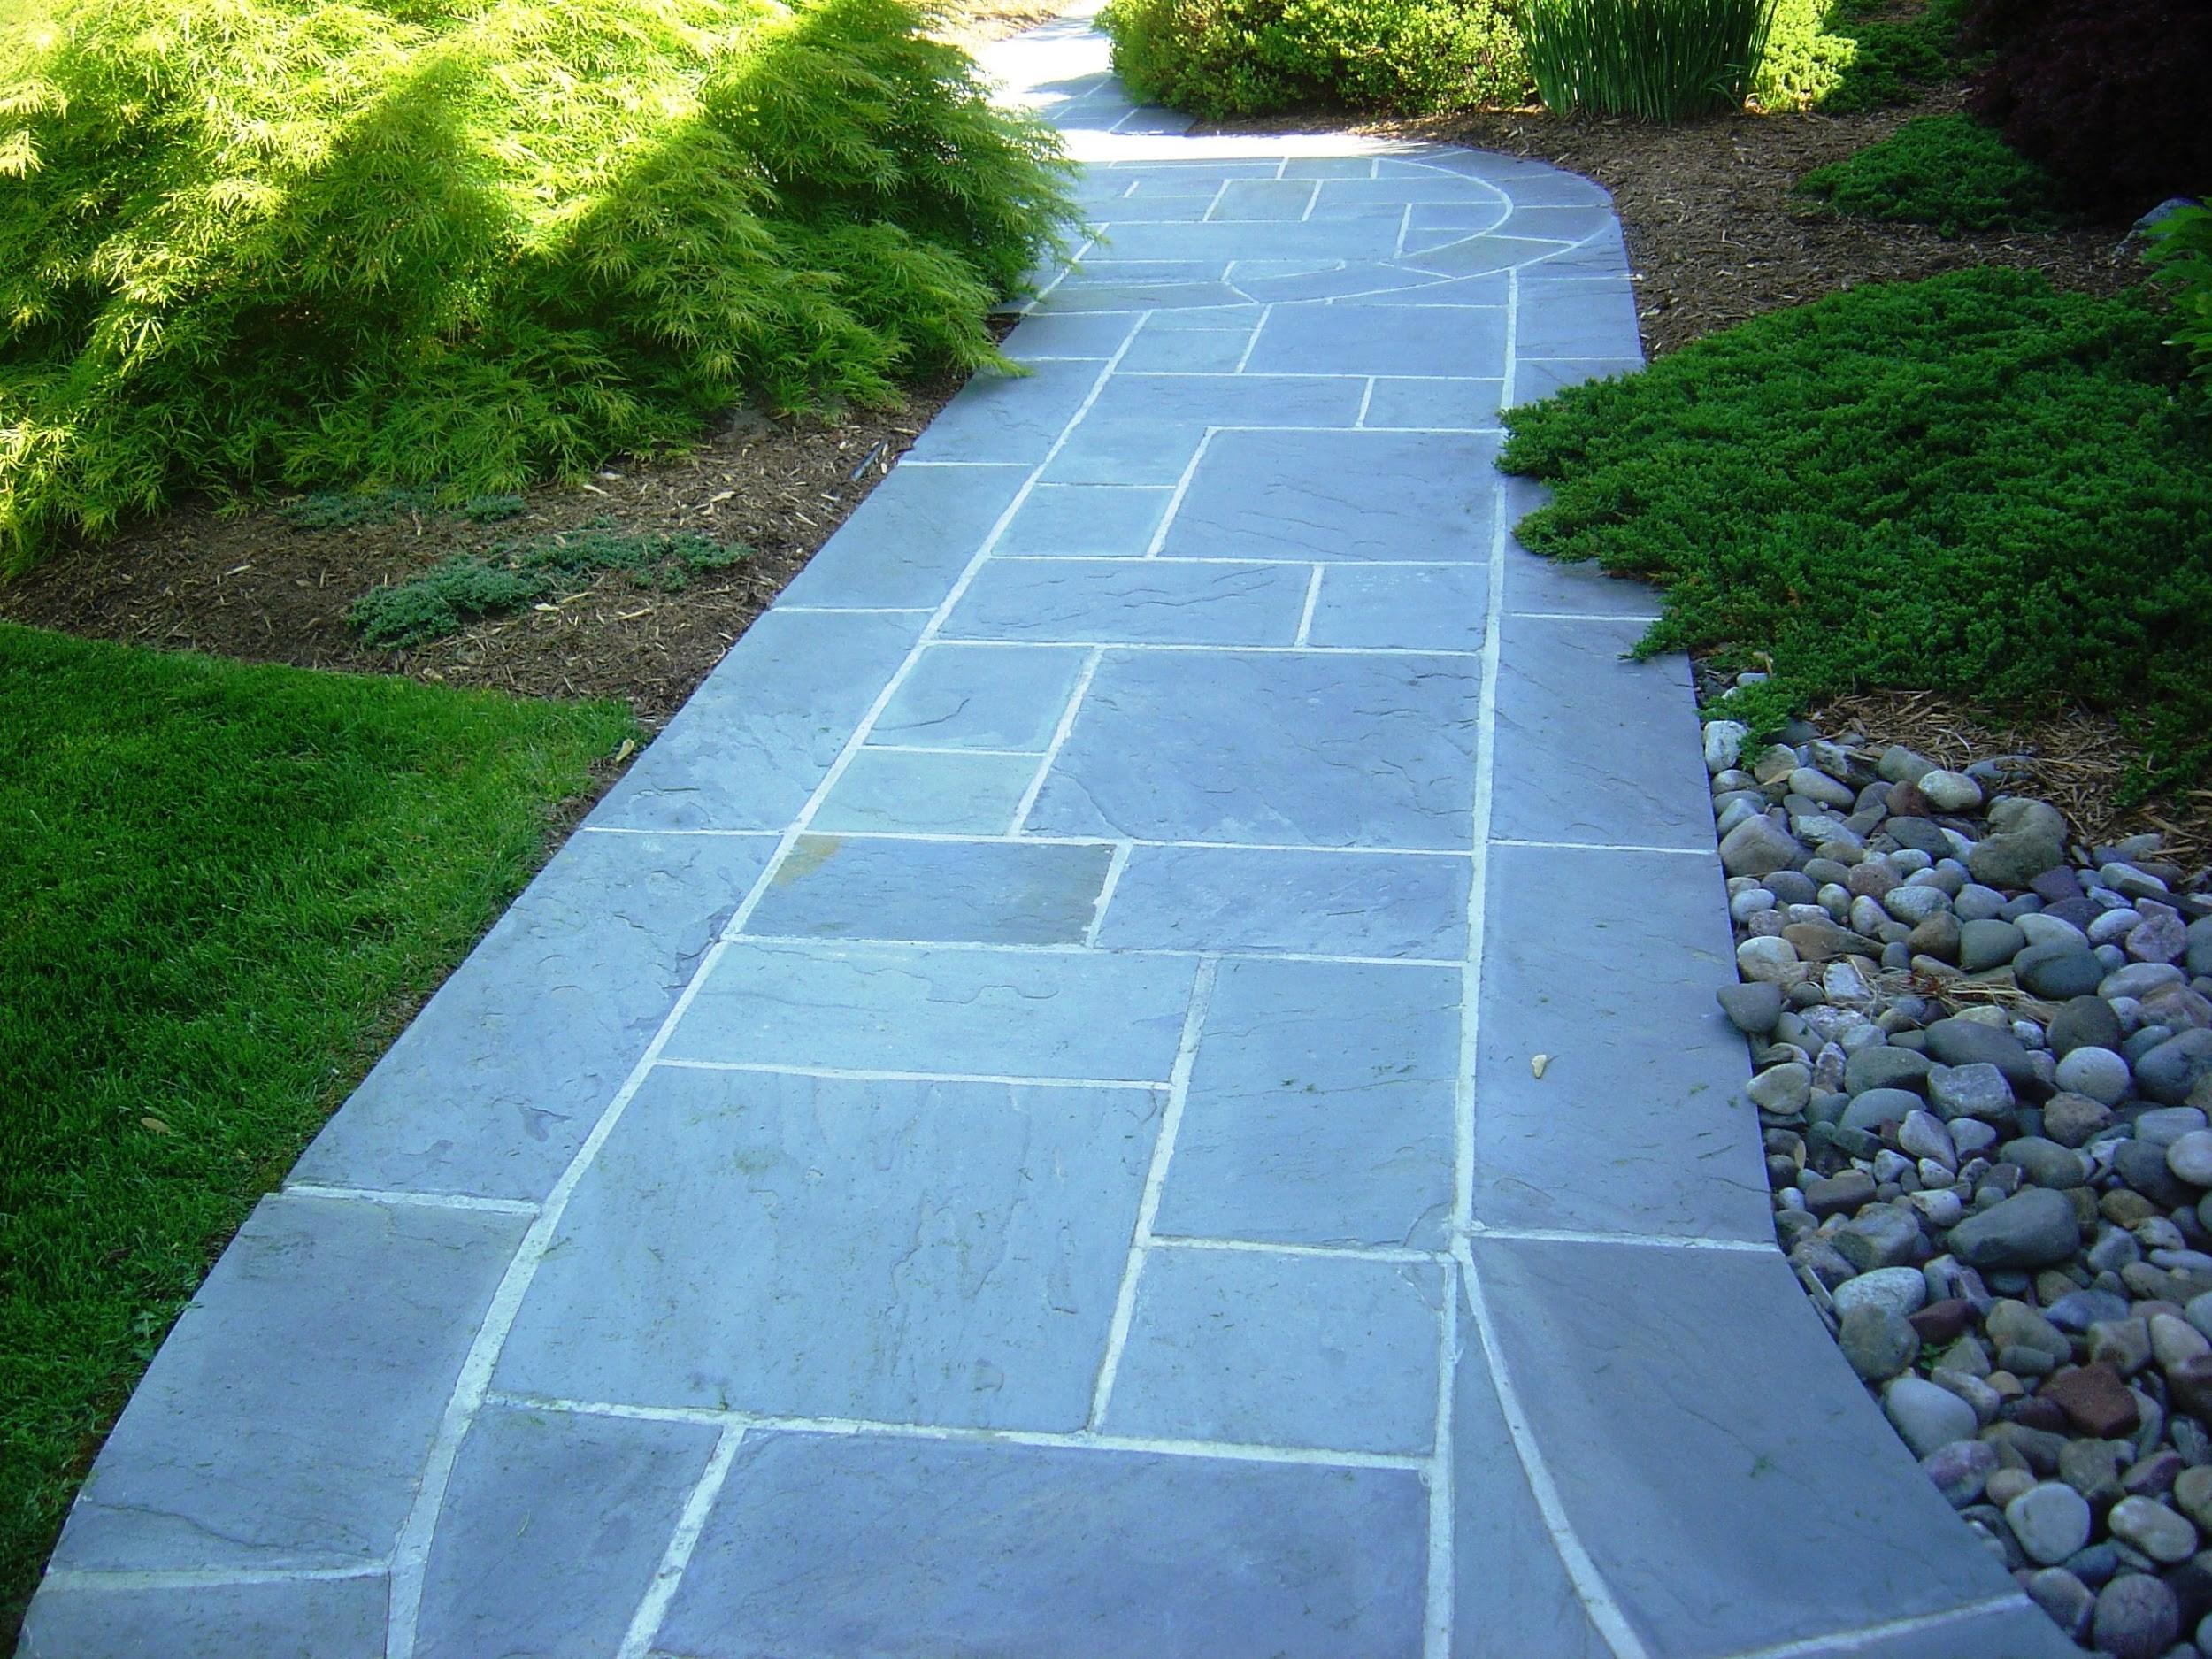 Sidewalk Stones Pathways